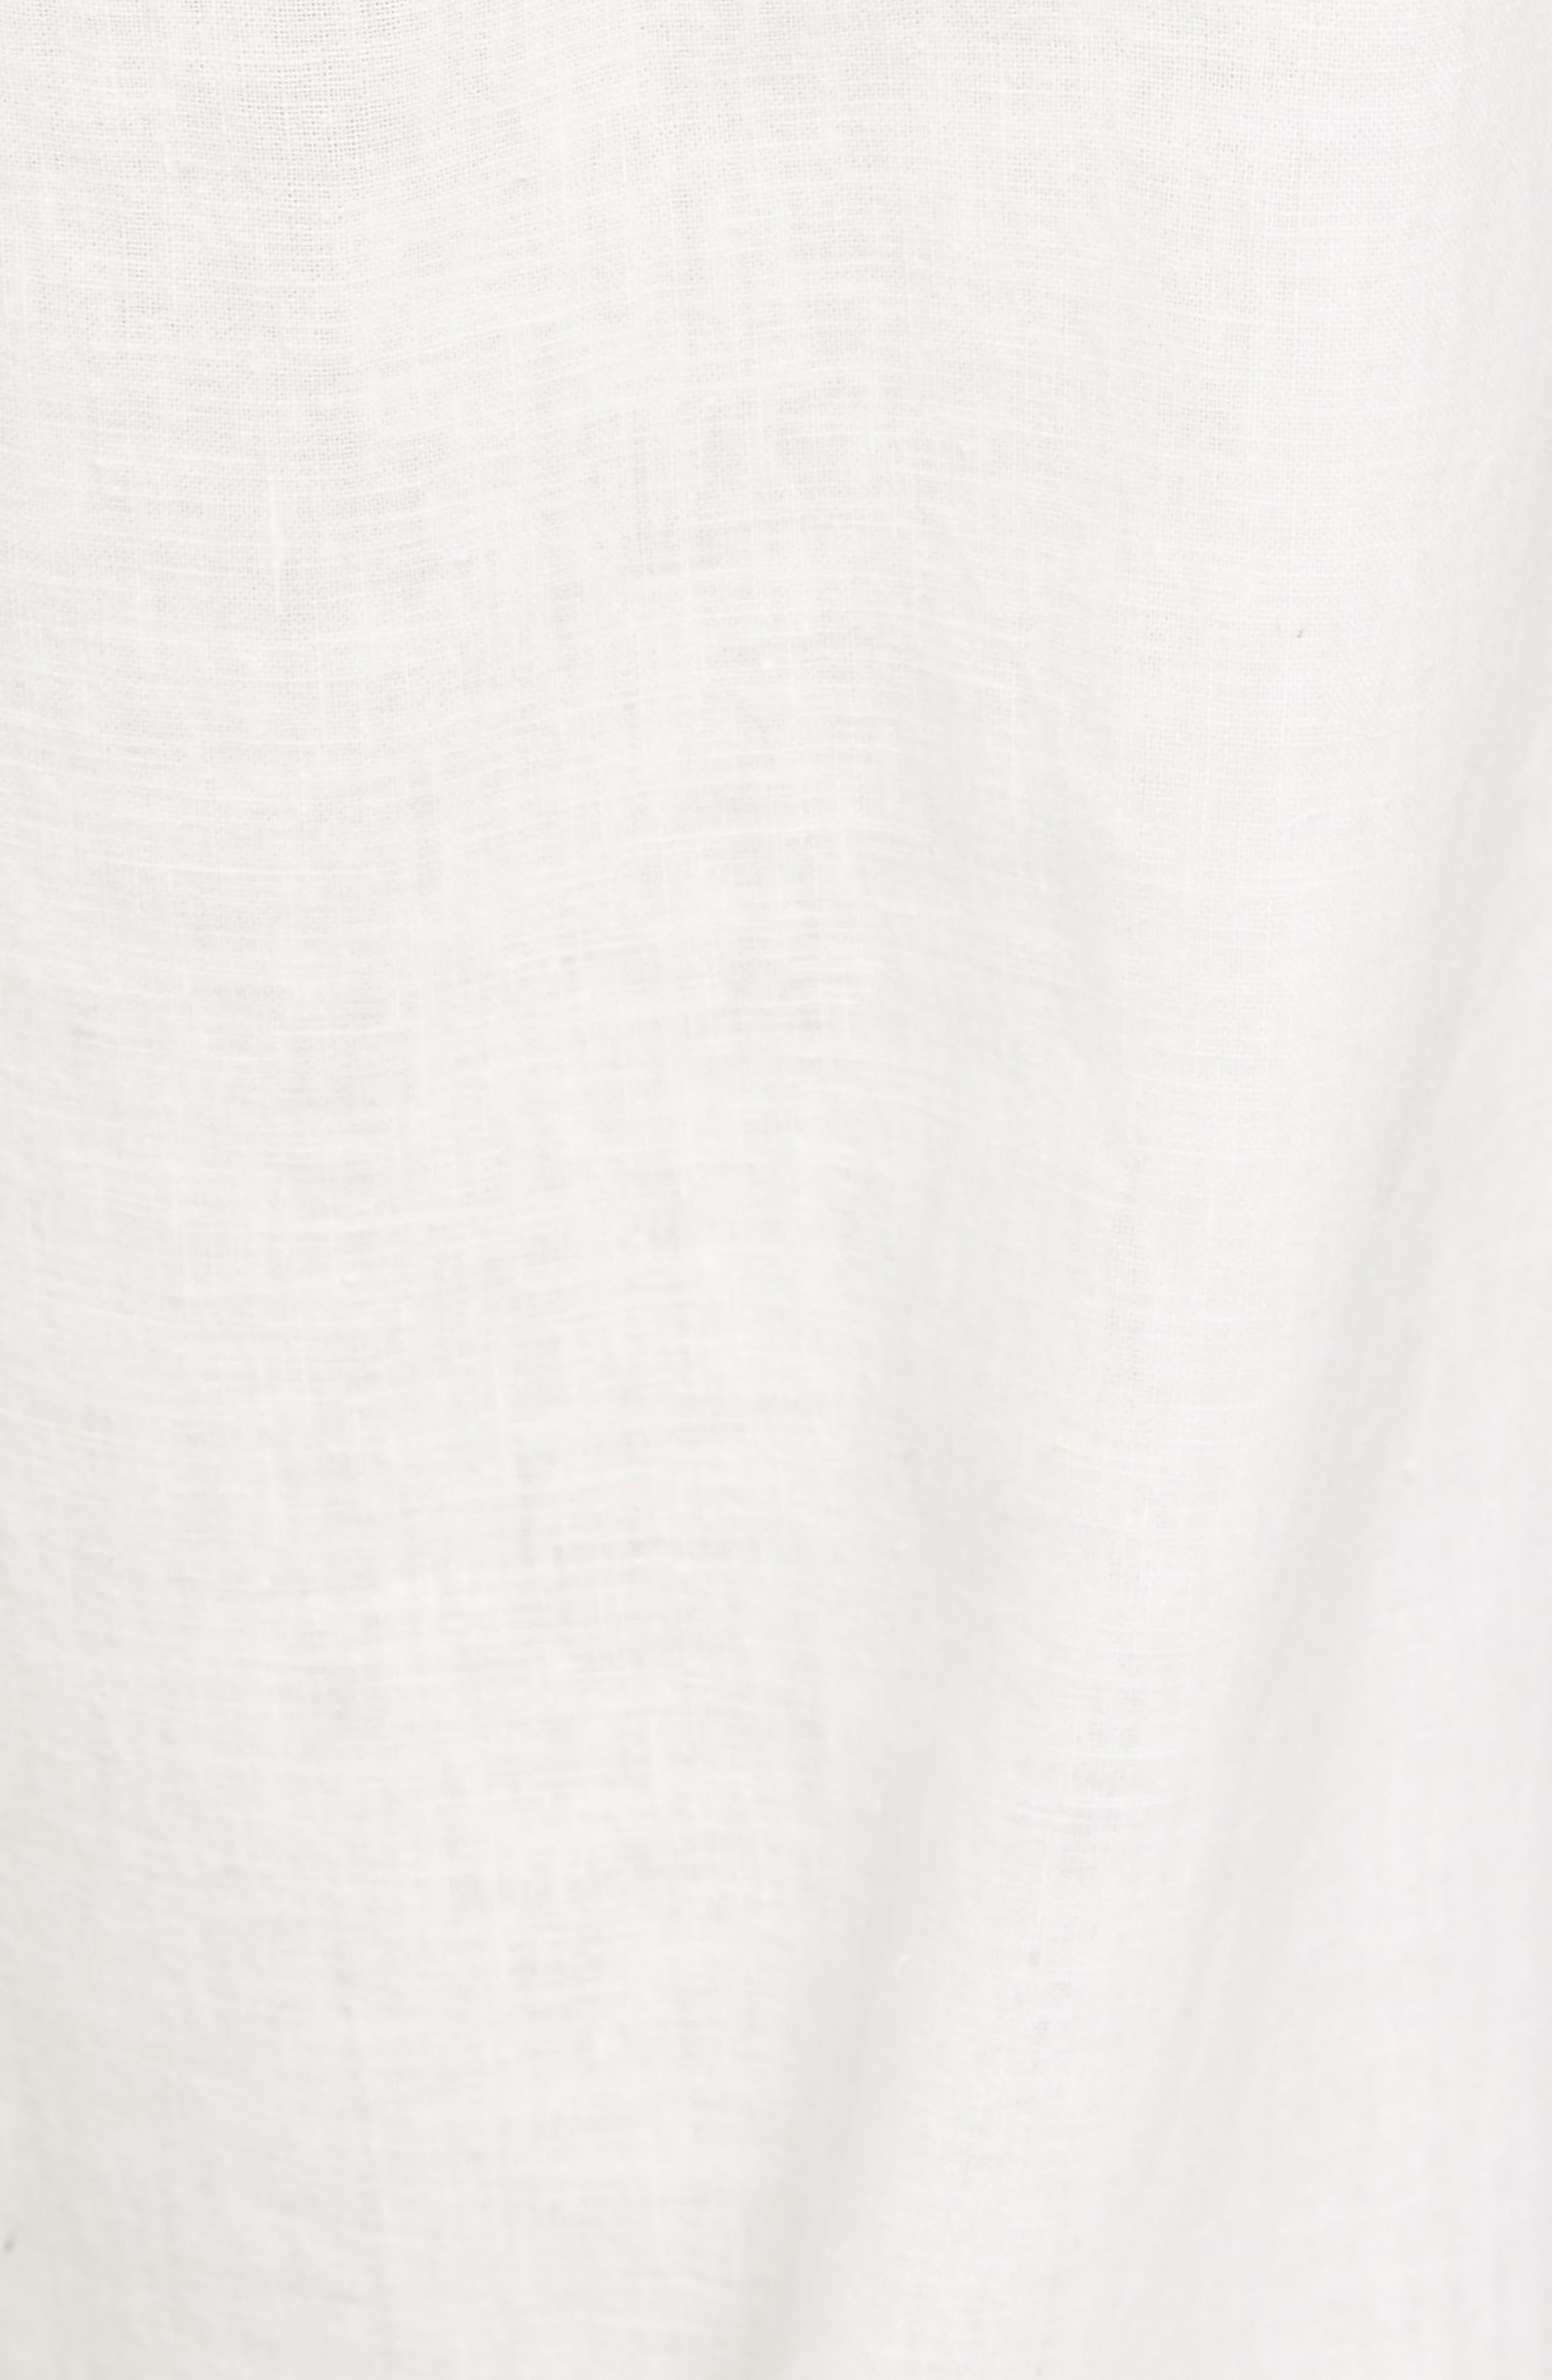 Walker Cotton & Linen Lounge Pants,                             Alternate thumbnail 5, color,                             NEVIS/ BRIGHT NAVY